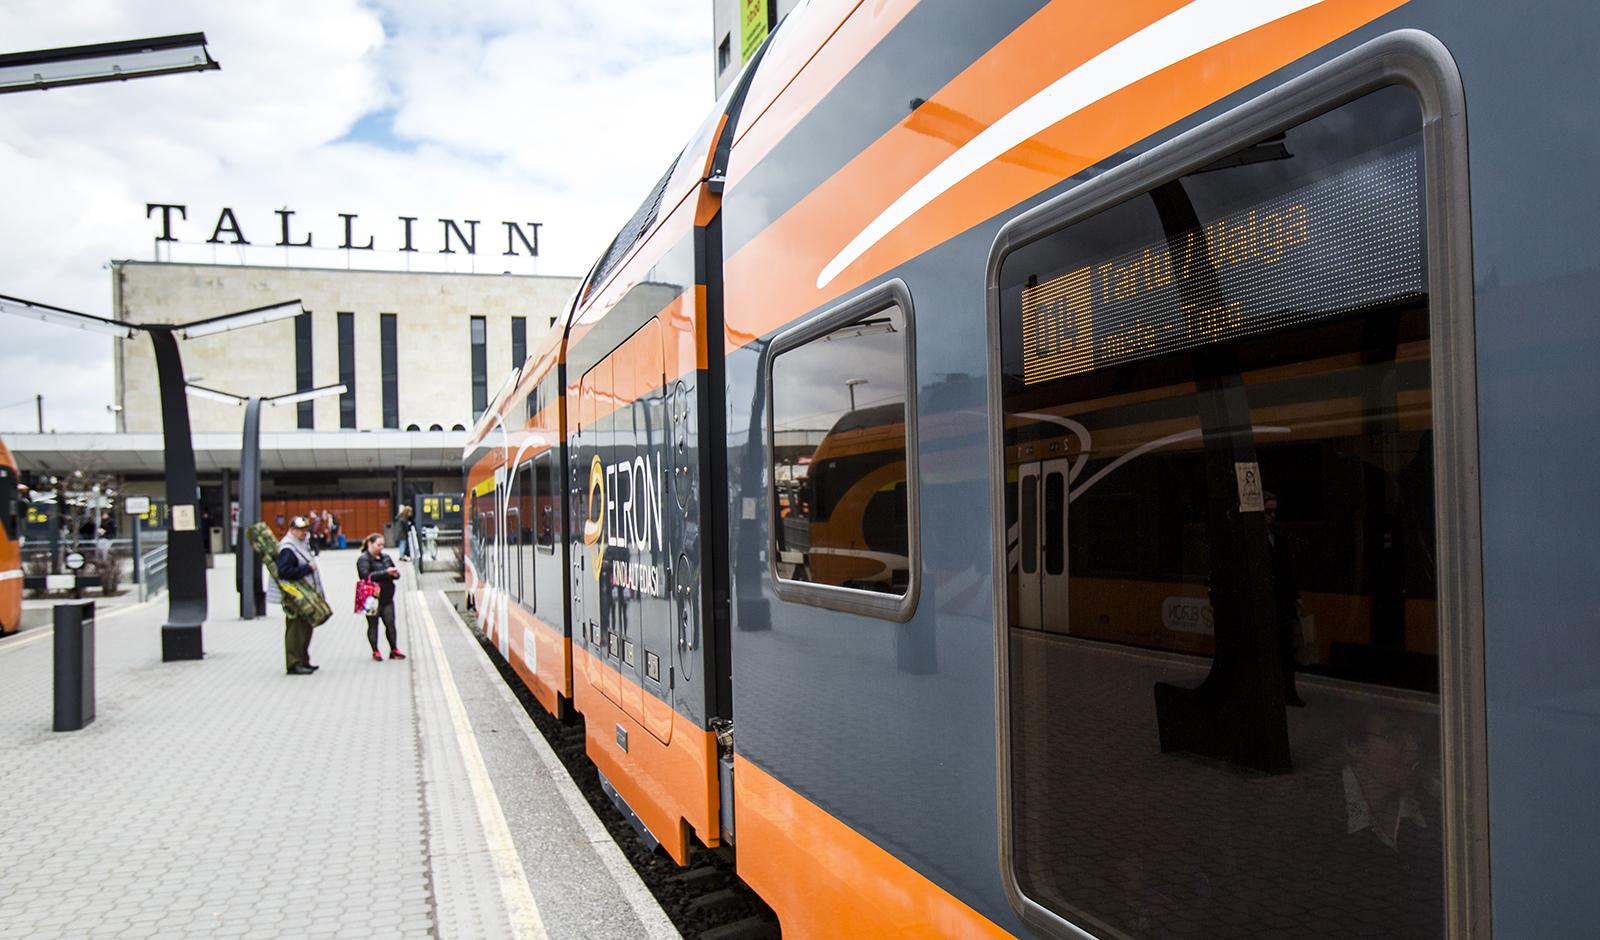 Koe Viro Julkisilla Viron Julkinen Liikenne Toimii Hyvin Ja On